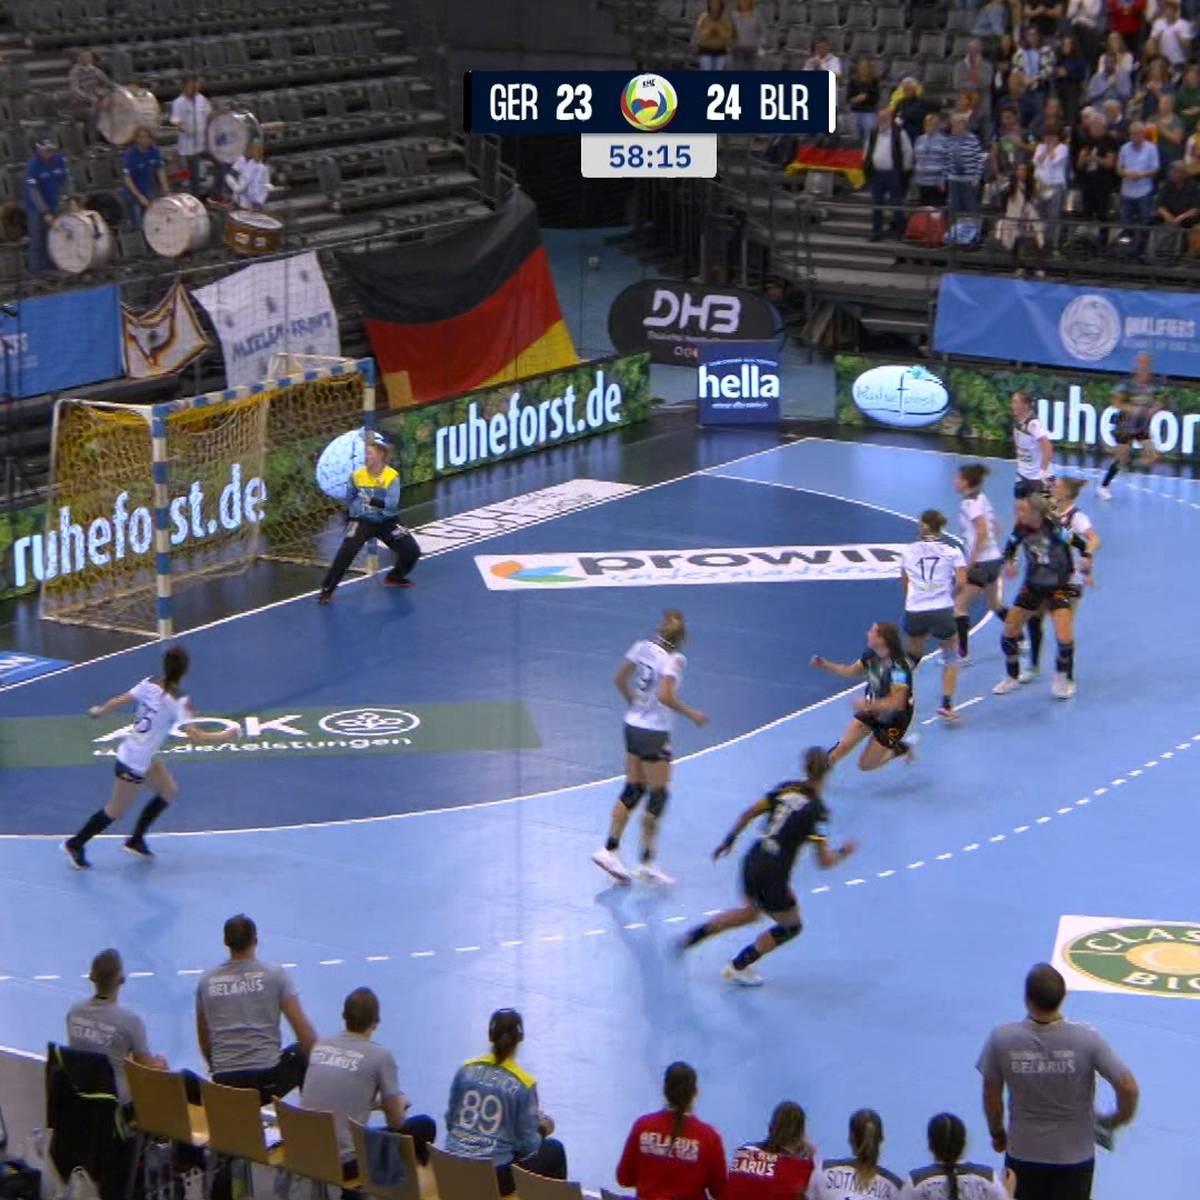 Rückschlag für DHB-Team! Remis gegen Belarus